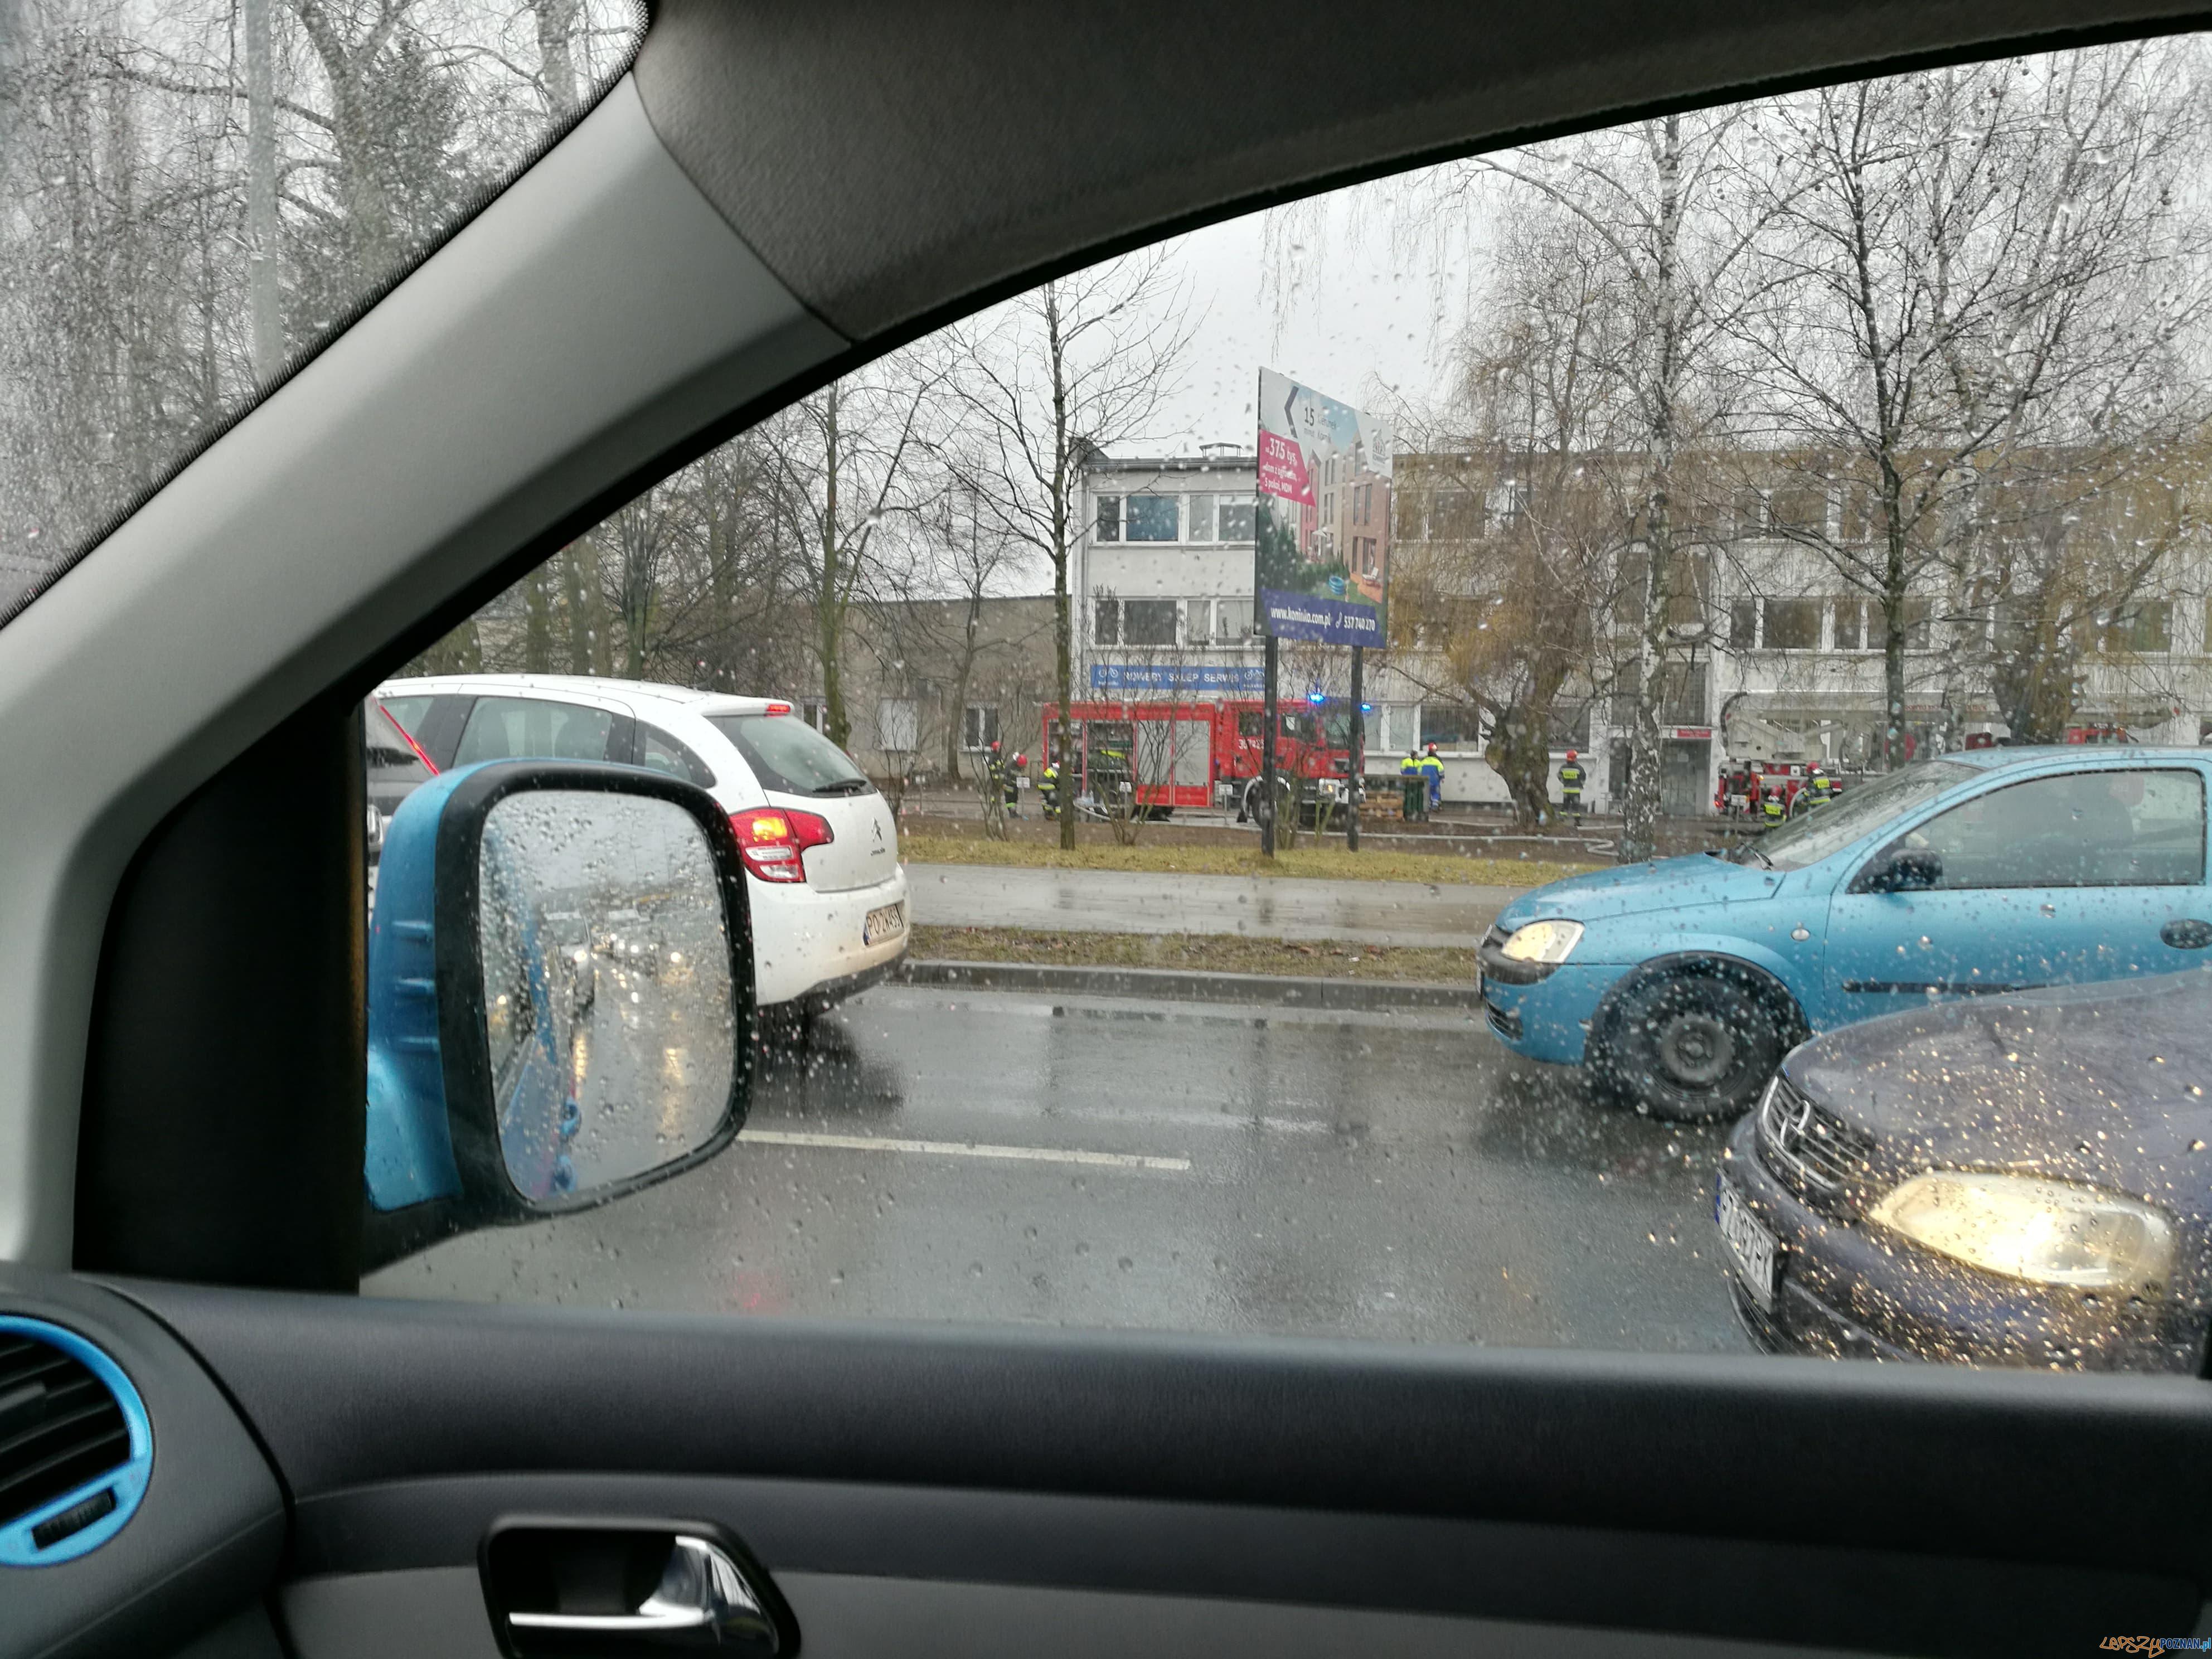 Pożar na Berdychowie  Foto: news@lepszypoznan.pl